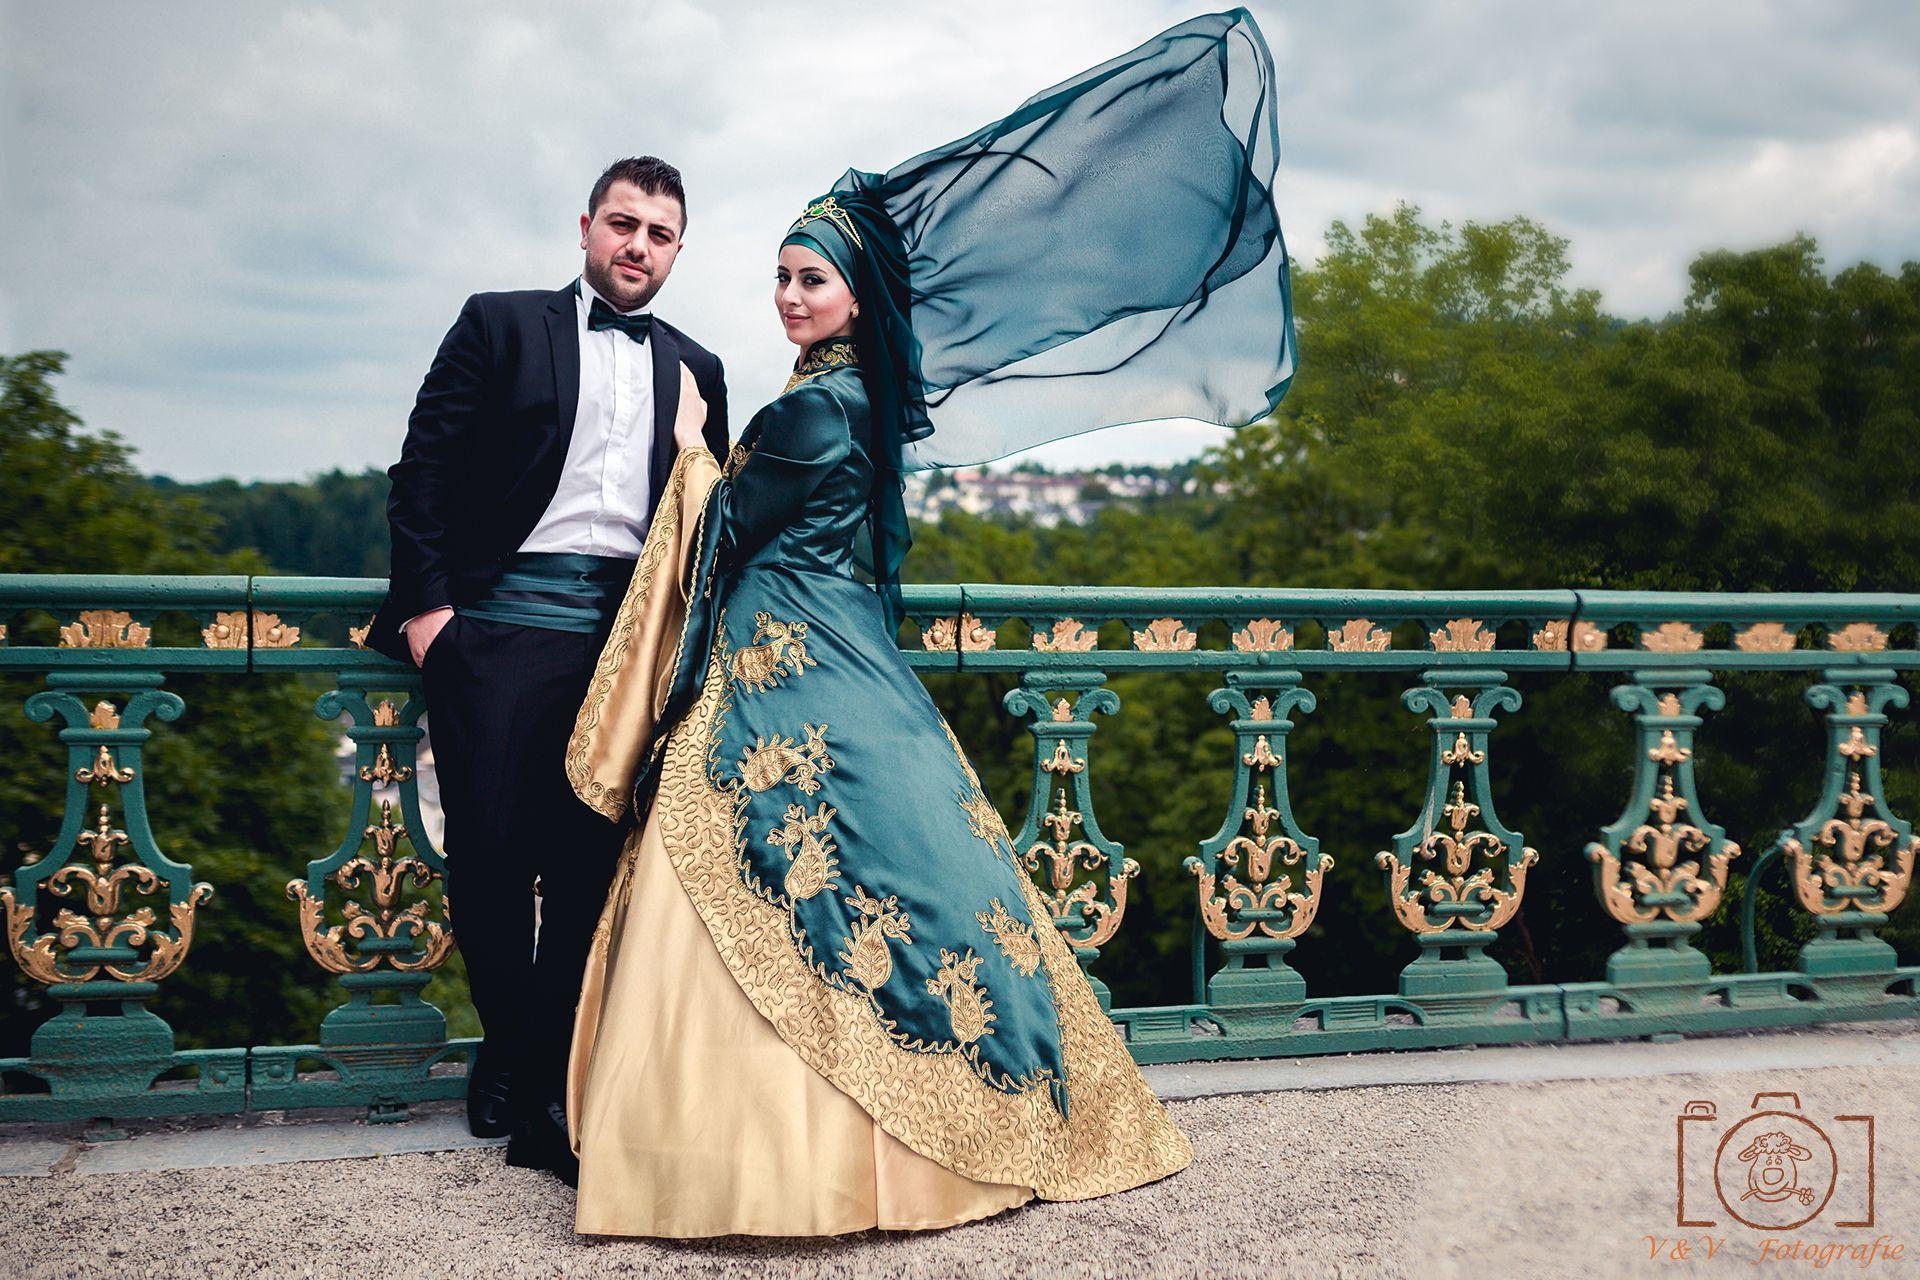 Seit 2008 Ist Es Moglich Im Weilburger Schloss Zu Heiraten Schlossgarten Weilburg Bieten Euch Ein Exklusives Ambient Hochzeit Bilder Hochzeit Hochzeitsbilder